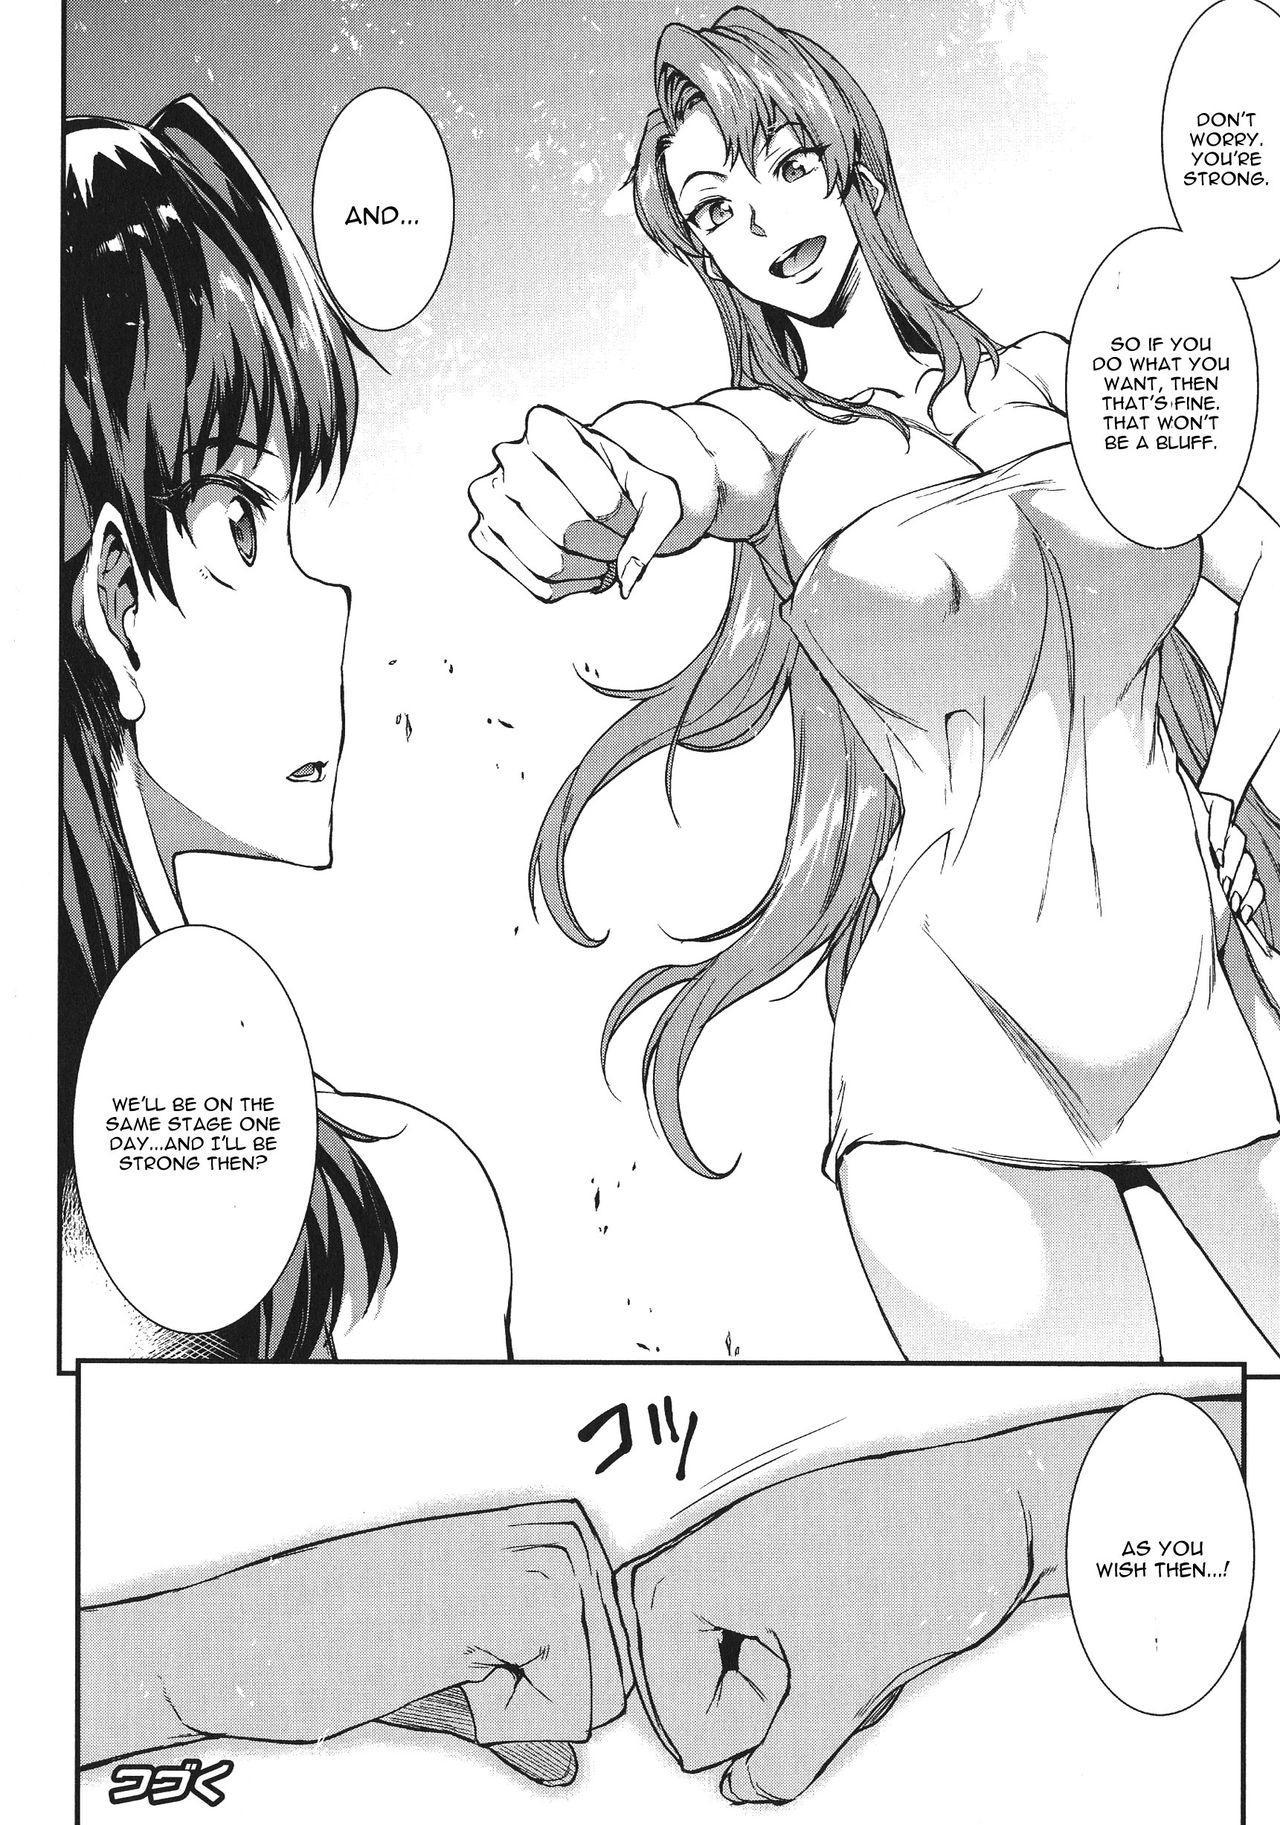 [Erect Sawaru] Raikou Shinki Igis Magia -PANDRA saga 3rd ignition- Ch. 1-6 [English] [CGrascal] 126